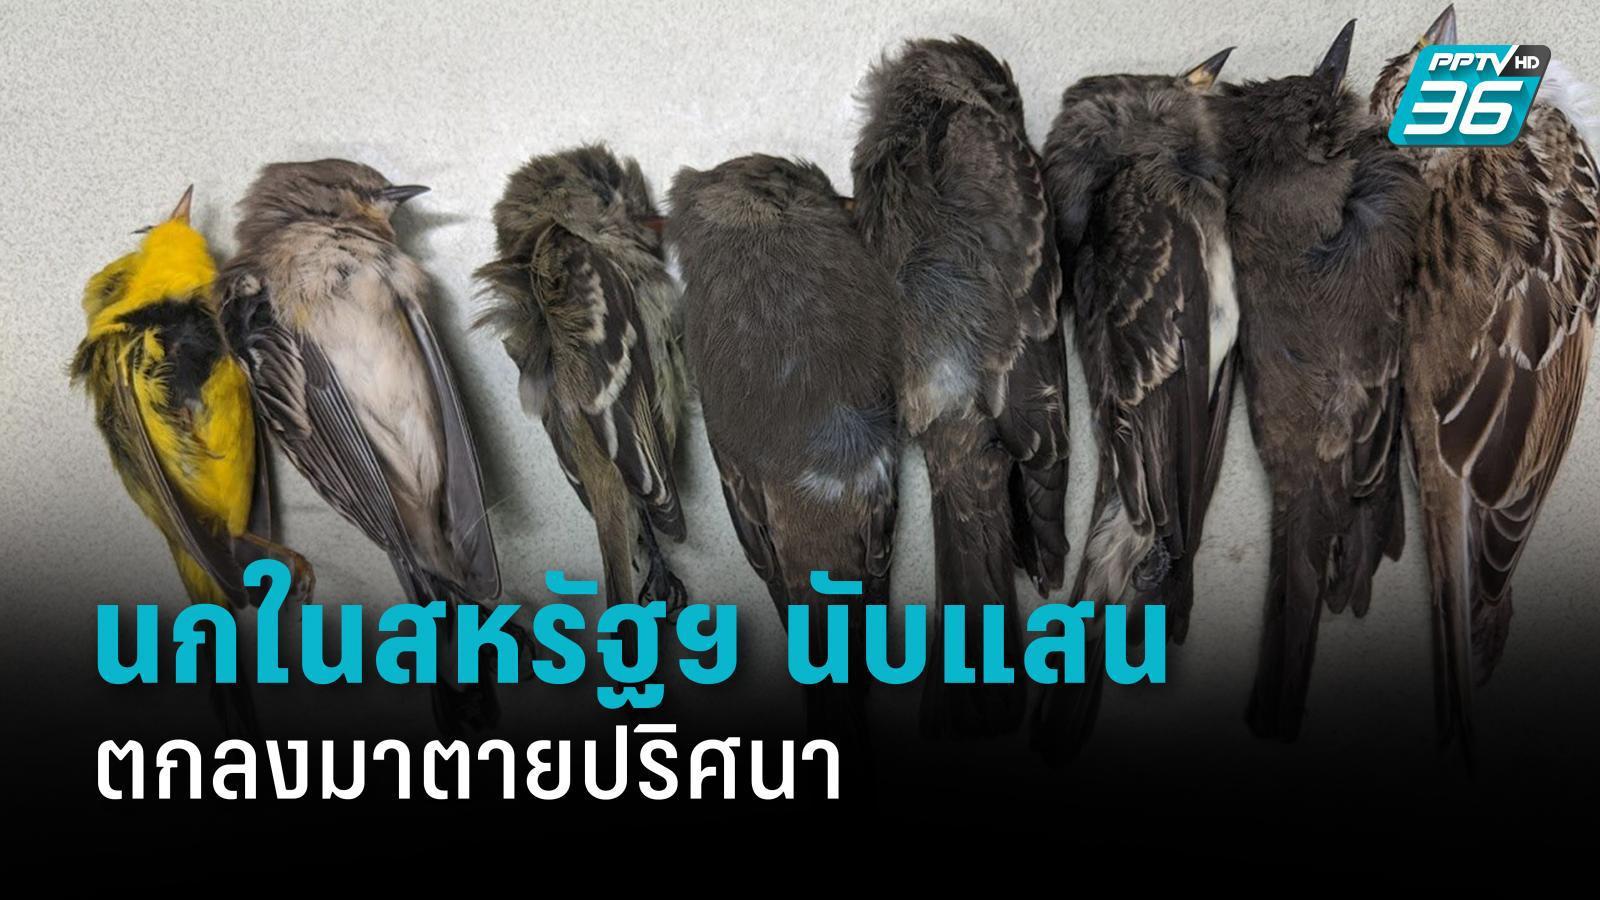 นกในสหรัฐฯ ตายปริศนานับแสนตัว เชื่อเกิดจากไฟป่าในภาคตะวันตก